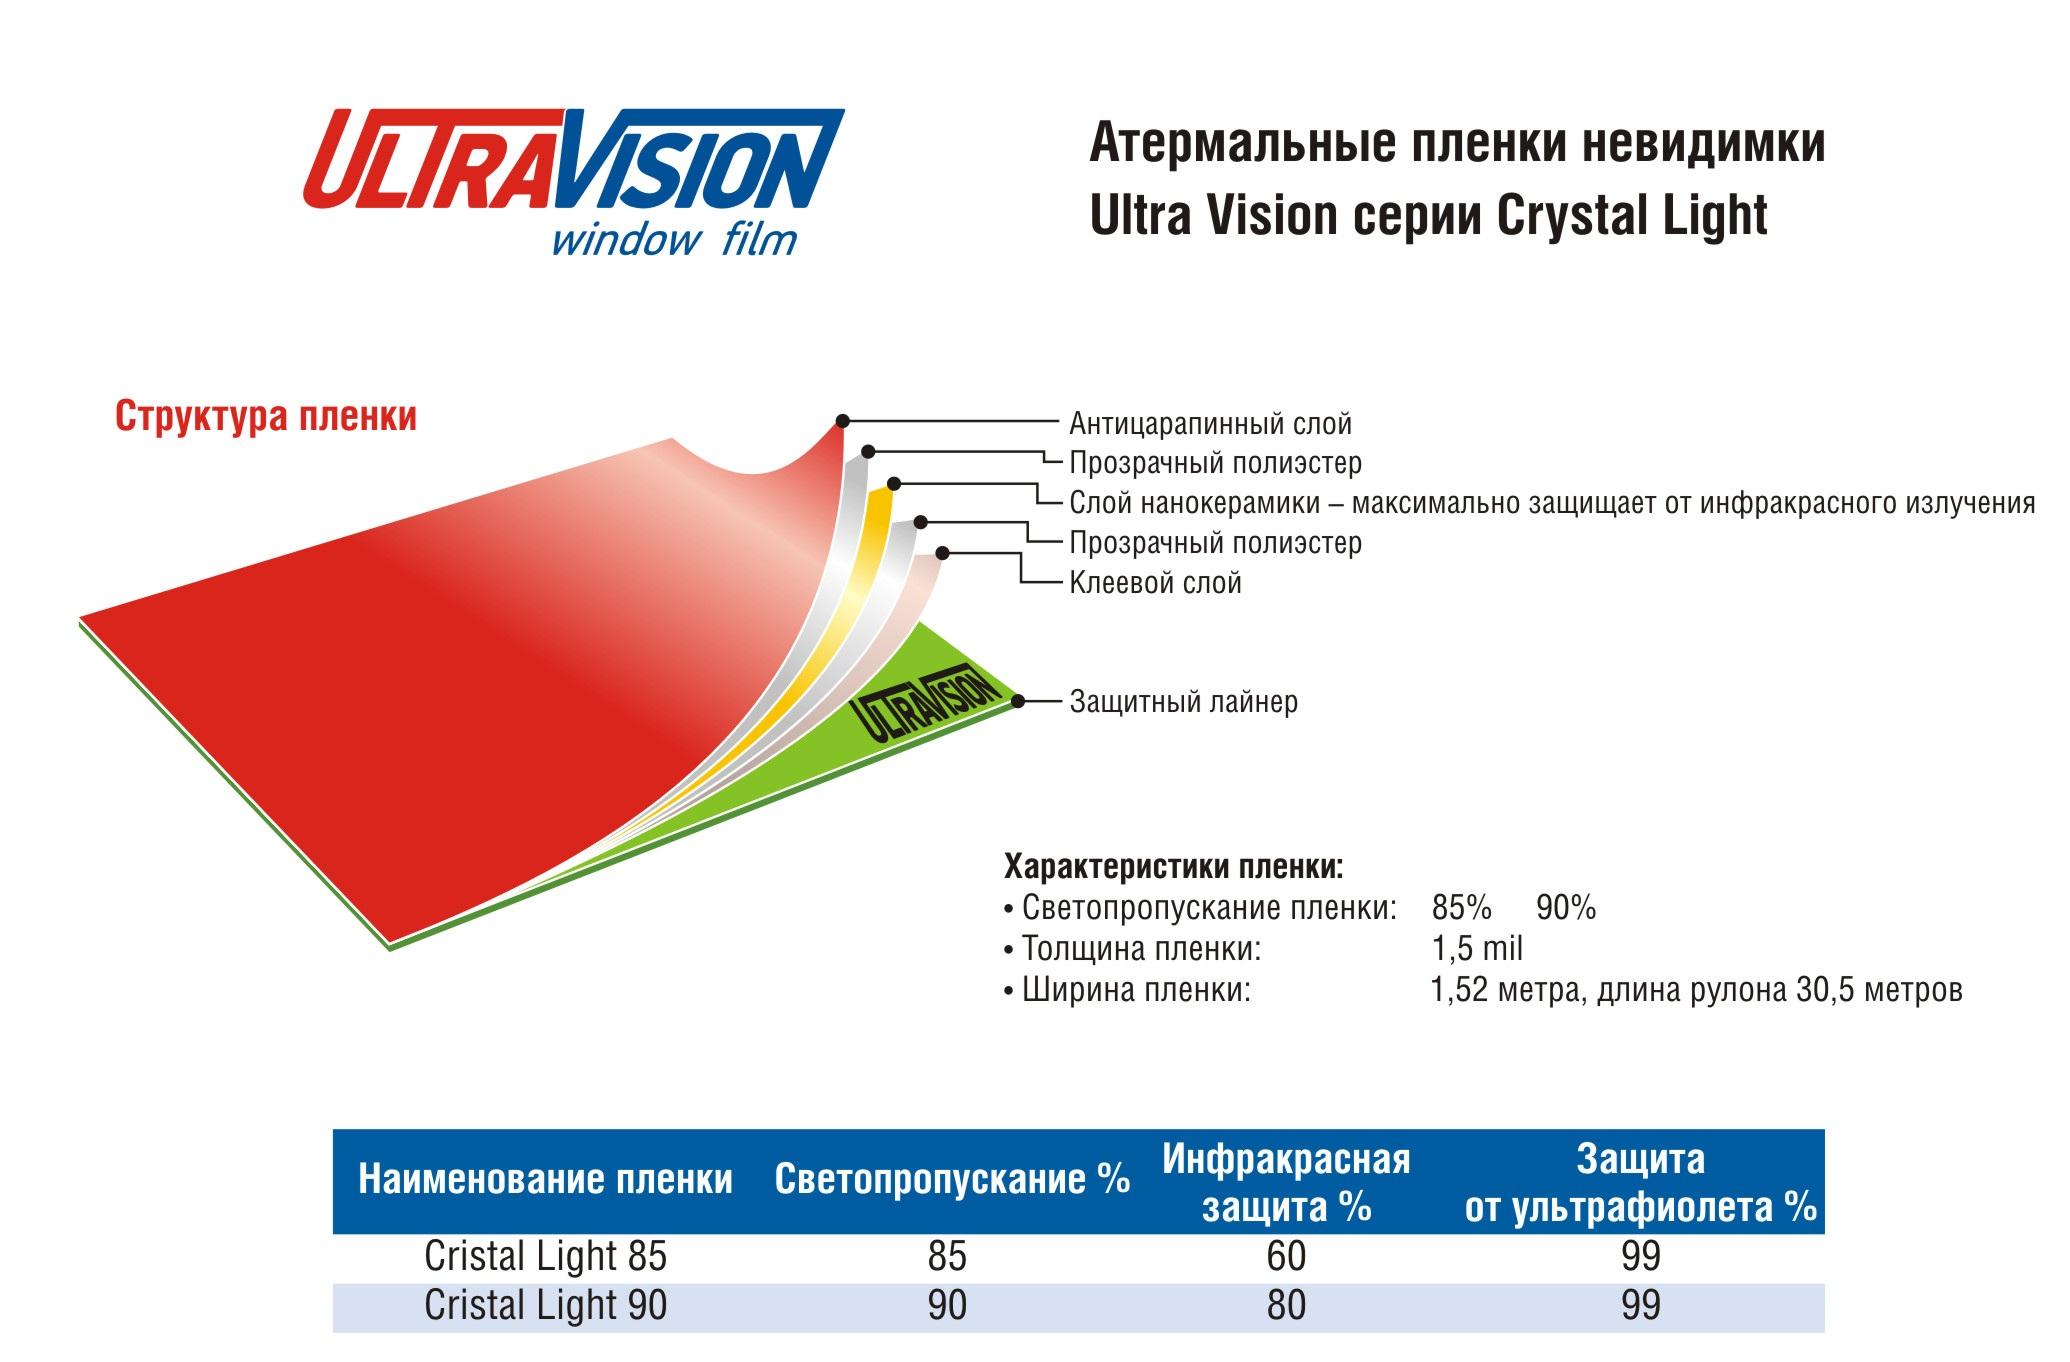 Ultra Vision Crystal Light